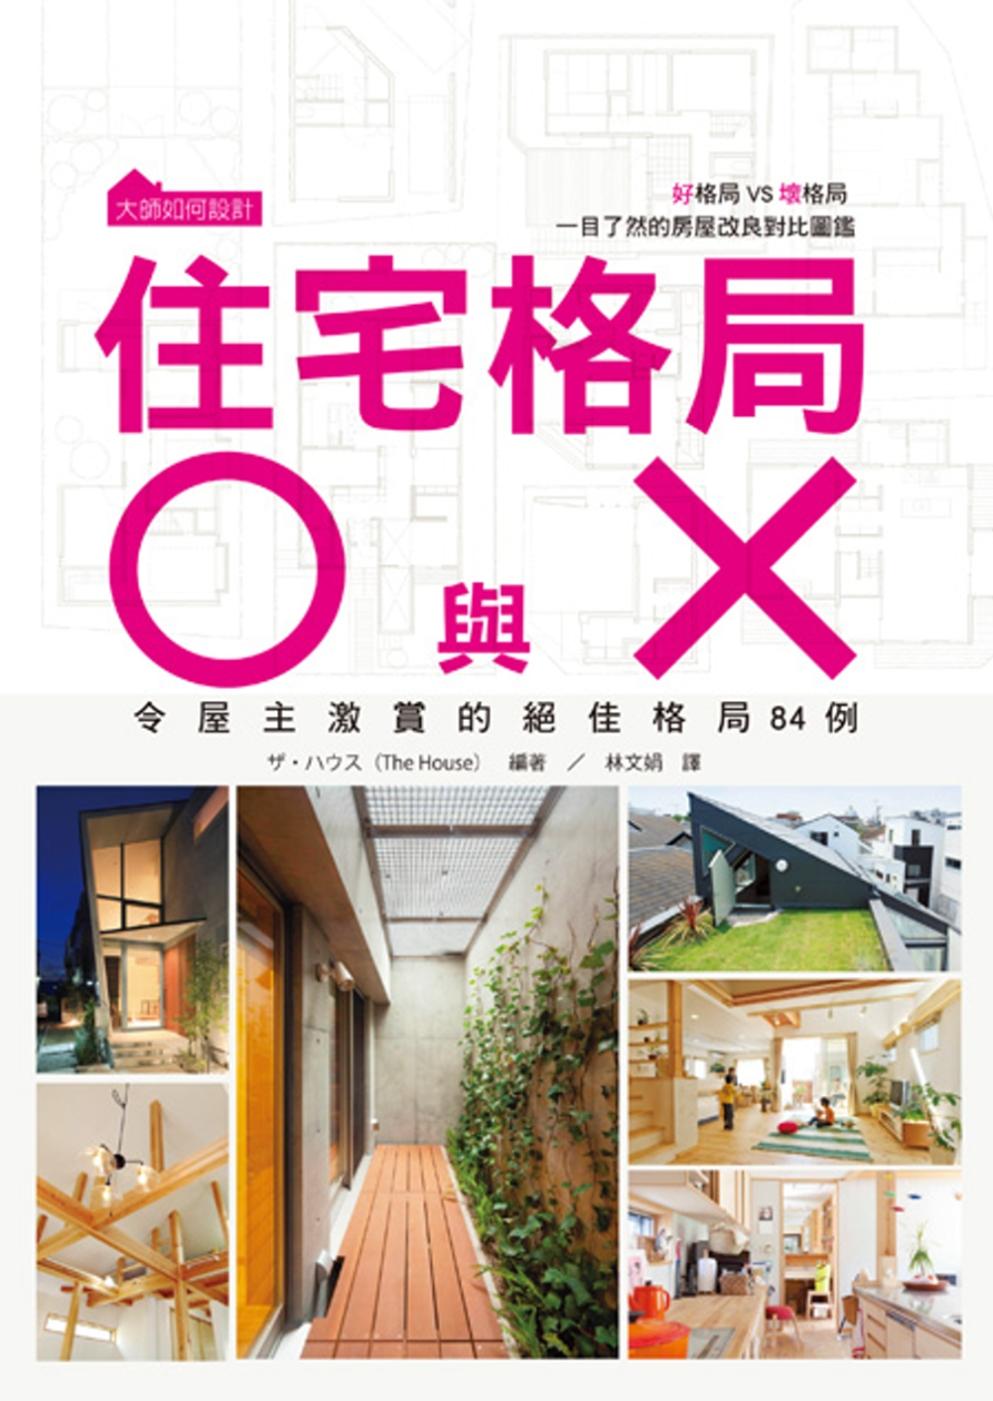 大師如何設計:住宅格局O與X 好格局VS壞格局 一目了然的房屋改良對比圖鑑